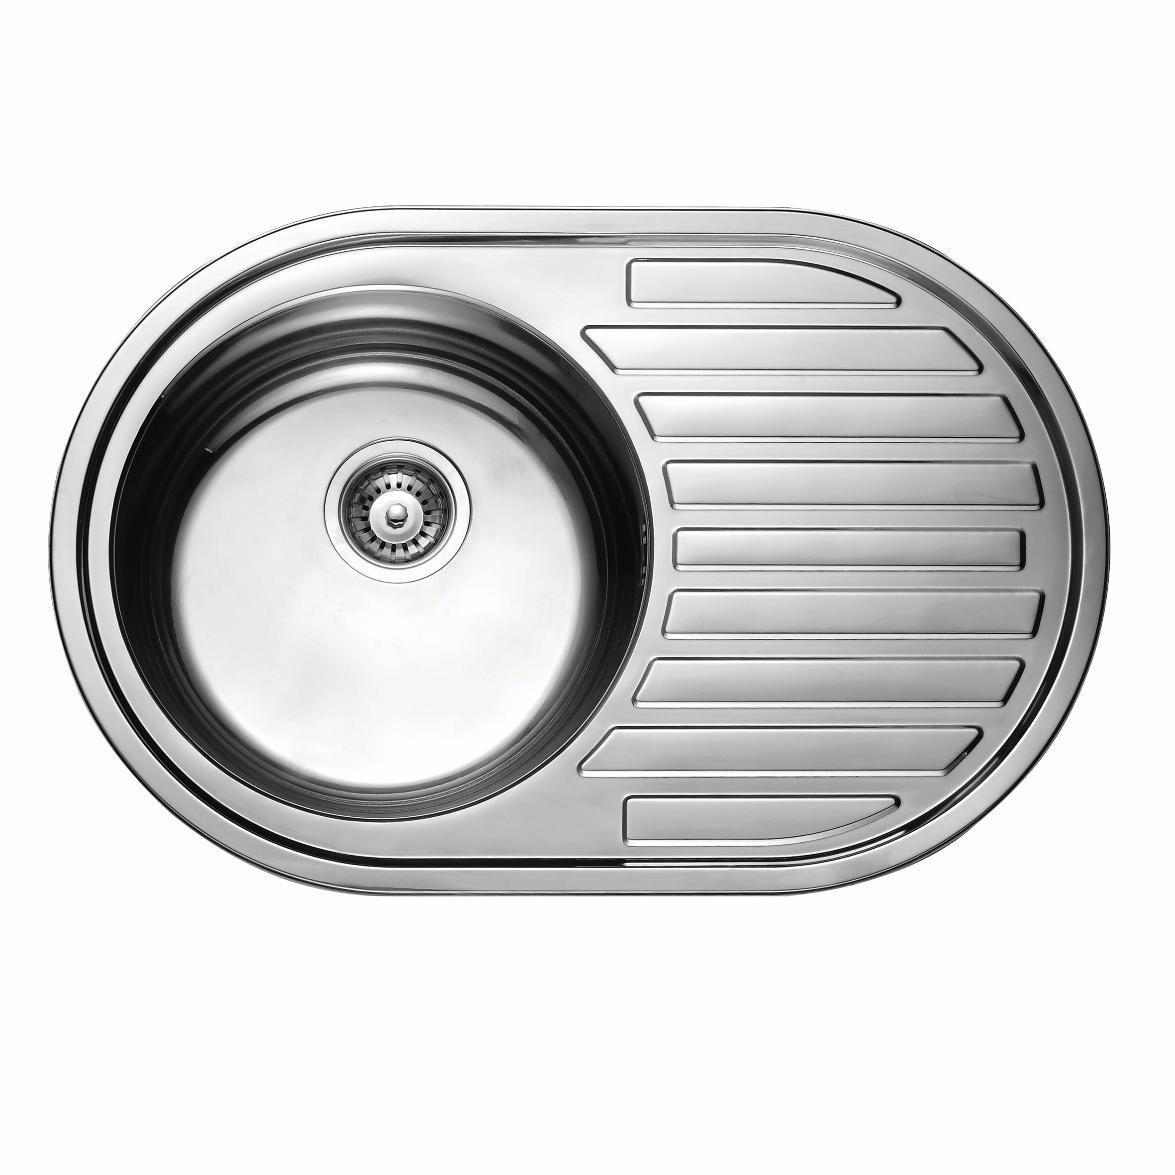 Кухонная мойка из нержавеющей стали ULA 7108 ZS satin